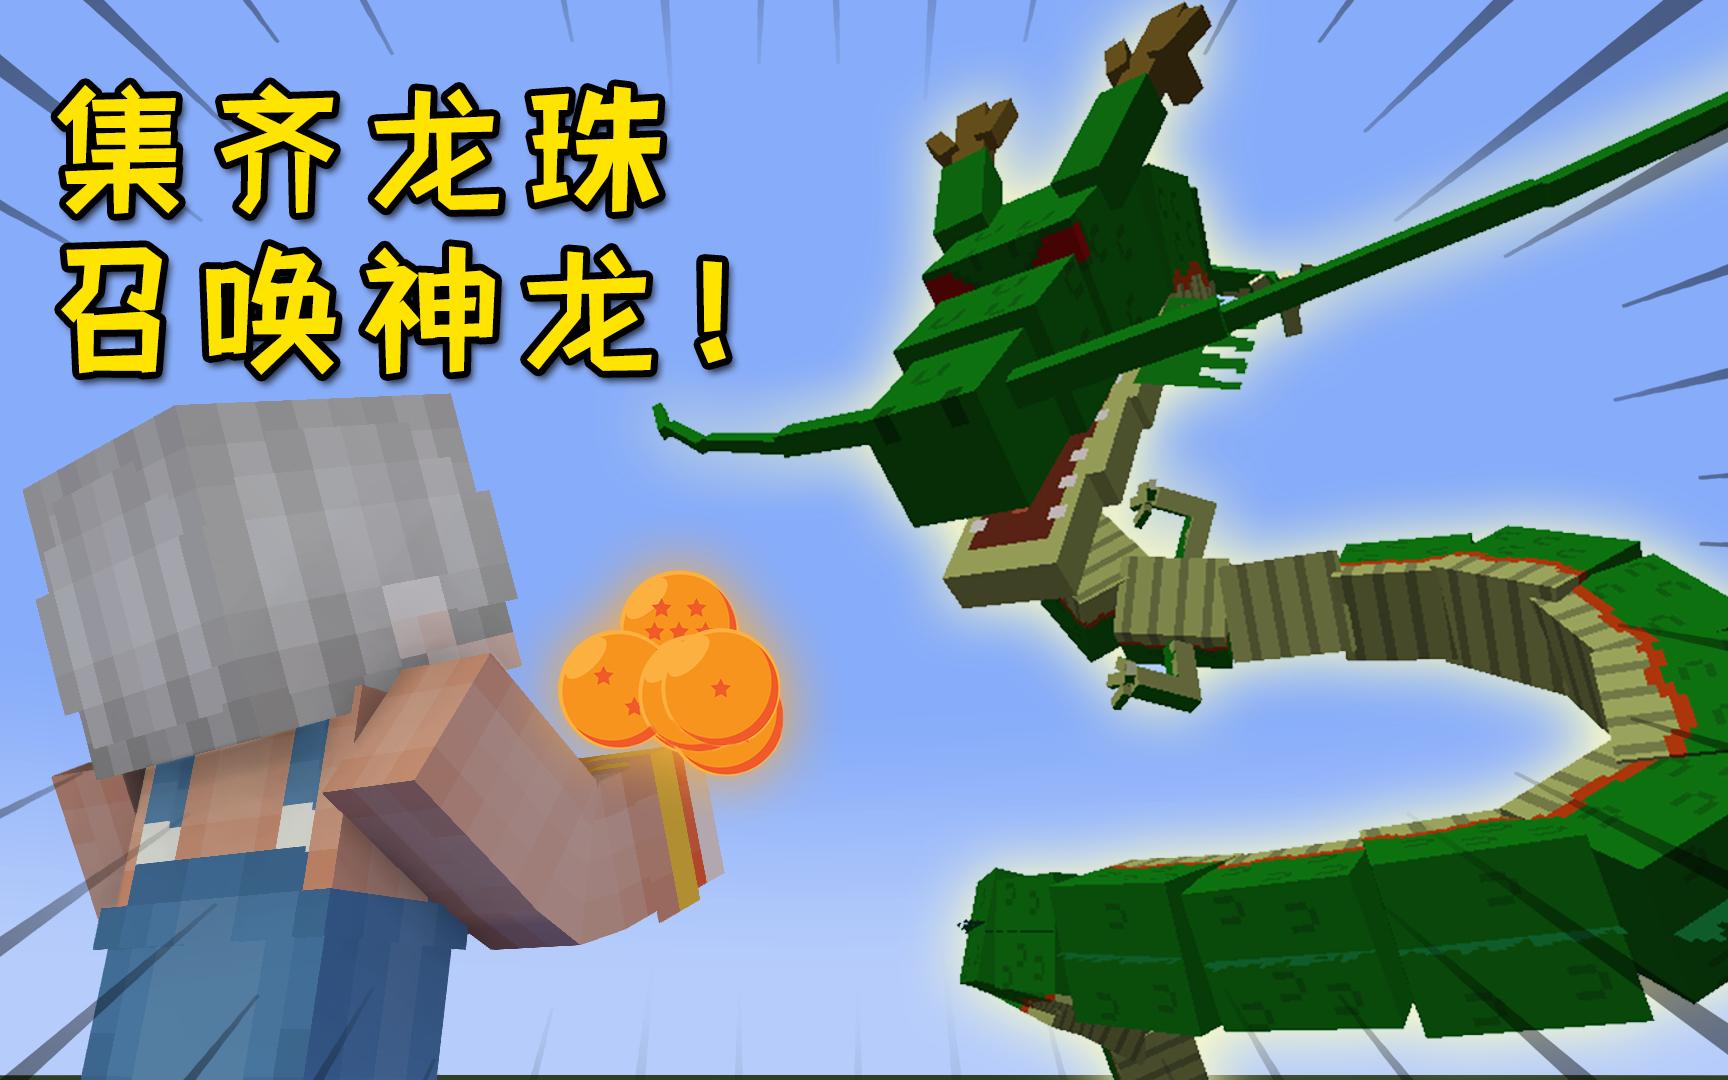 我的世界:在mc中可以收集七颗龙珠召唤神龙?满足玩家一个愿望!